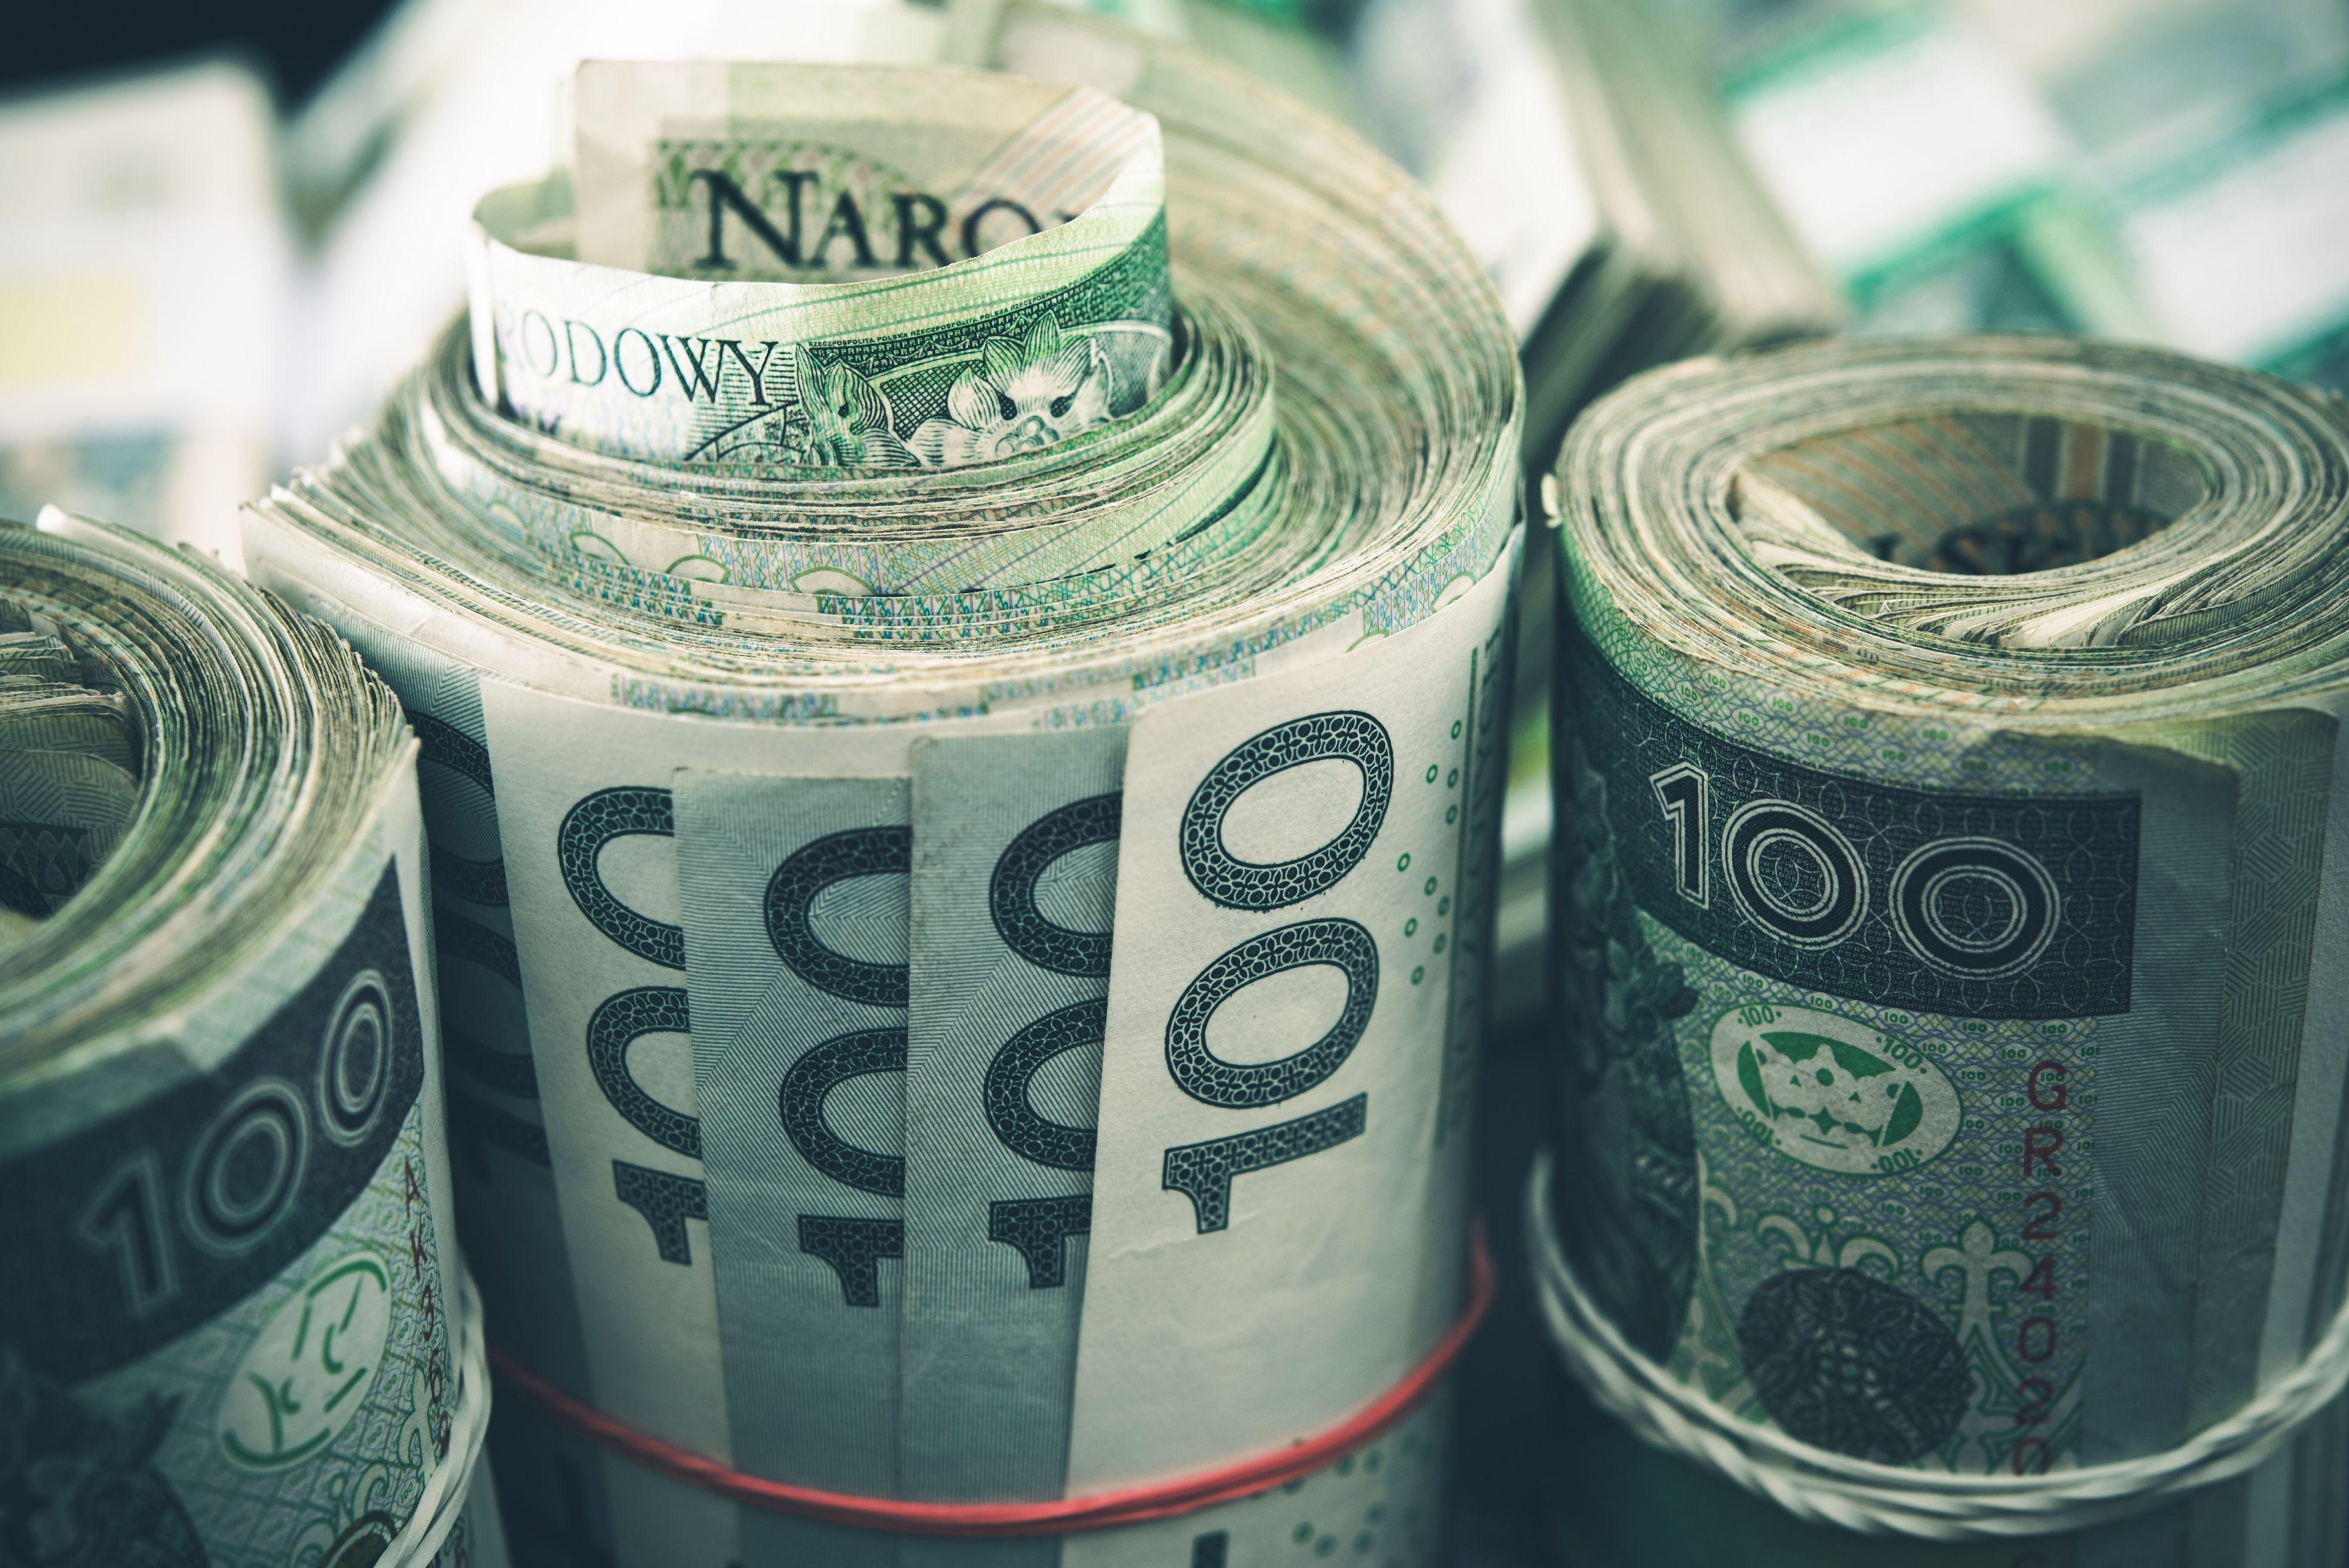 Jak zaznaczają eksperci Pracodawców RP, inflacja w zakresie płacy minimalnej wygeneruje szereg nieprawidłowości w gospodarce i pogorszy warunki funkcjonowania biznesu. (Fot. Shutterstock)